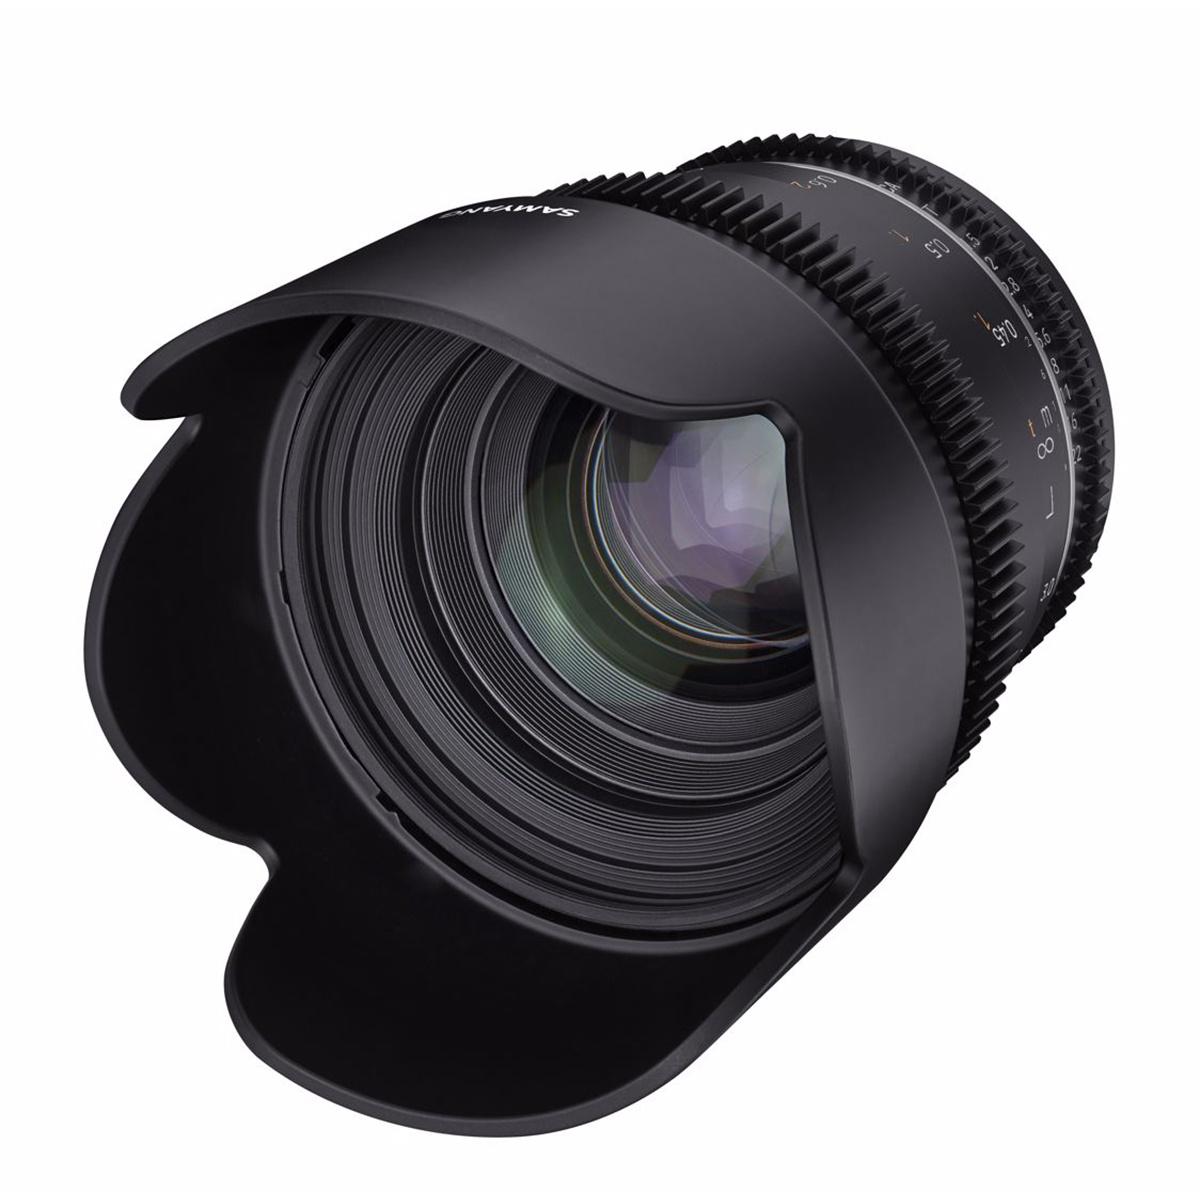 SAMYANG 50mm T1.5 VDSLR MK2 MFT